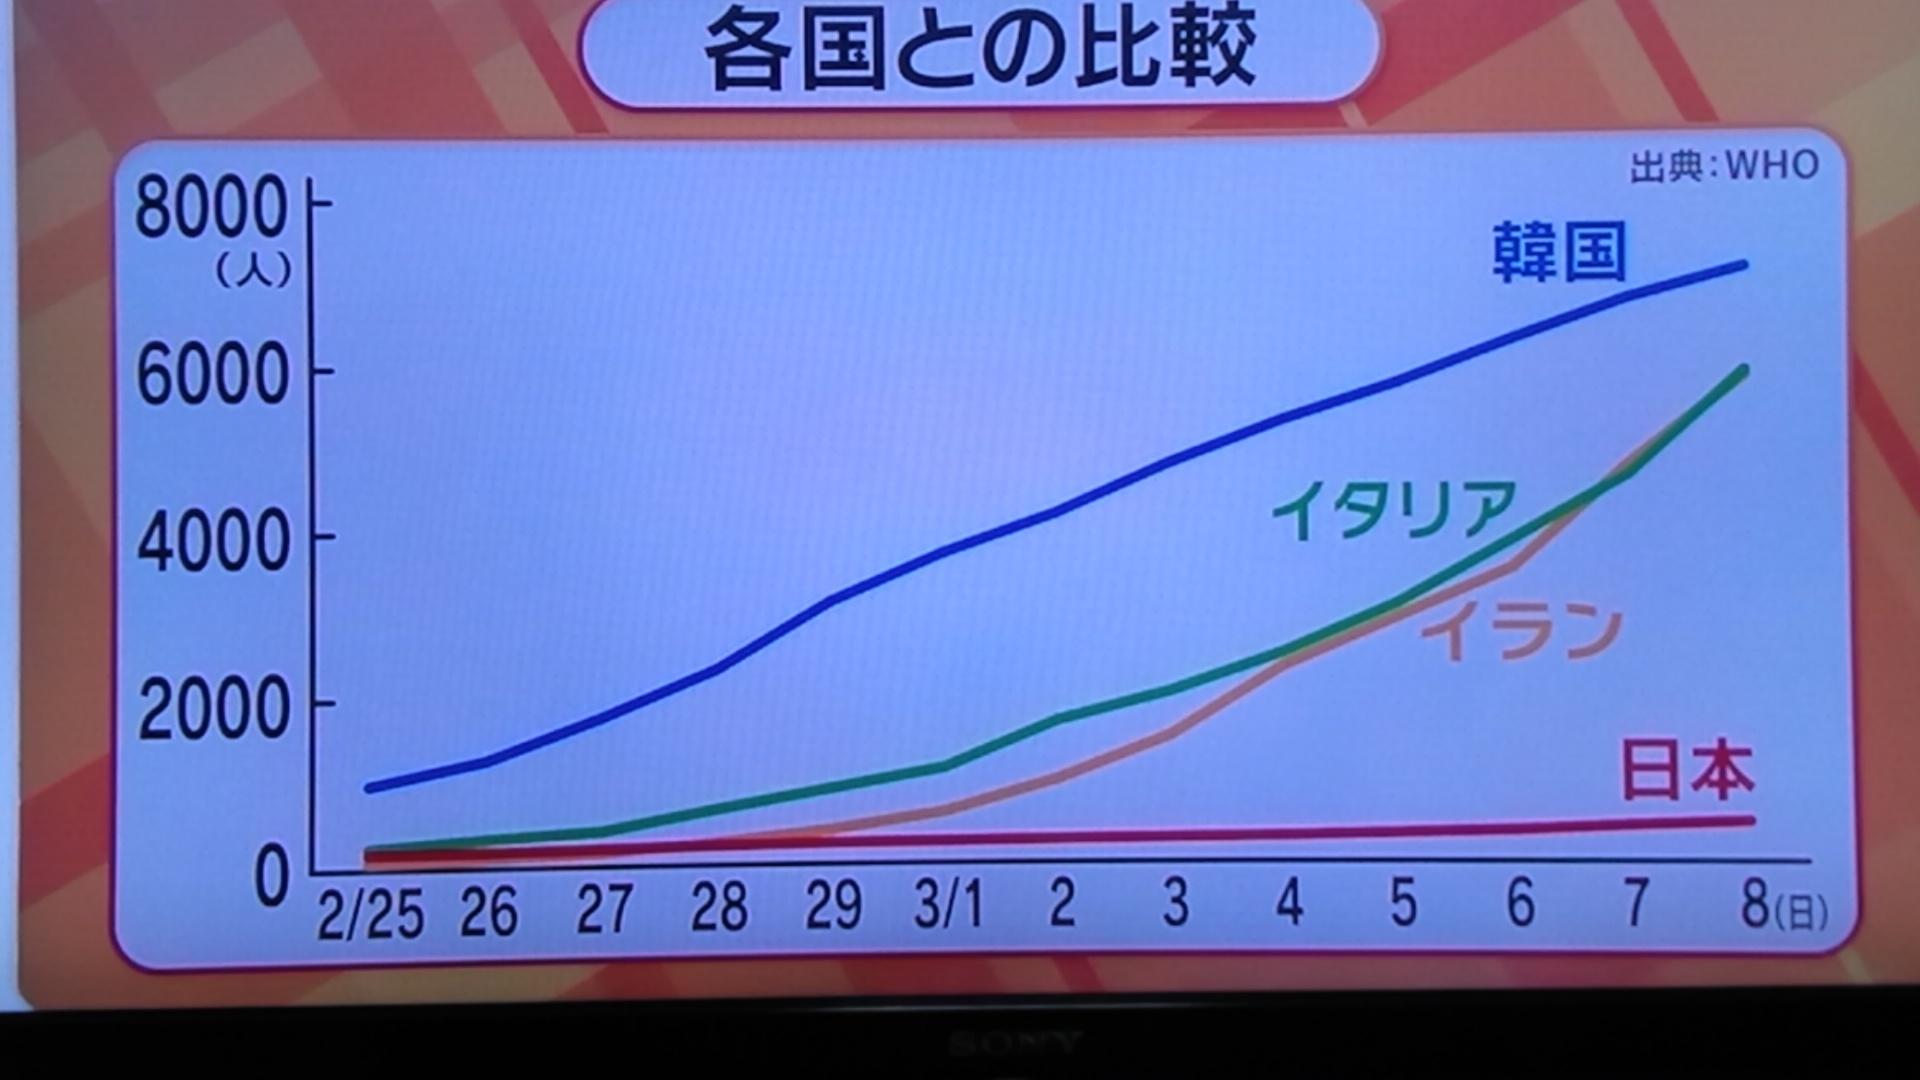 コロナ感染者数の比較_d0262085_07294844.jpg